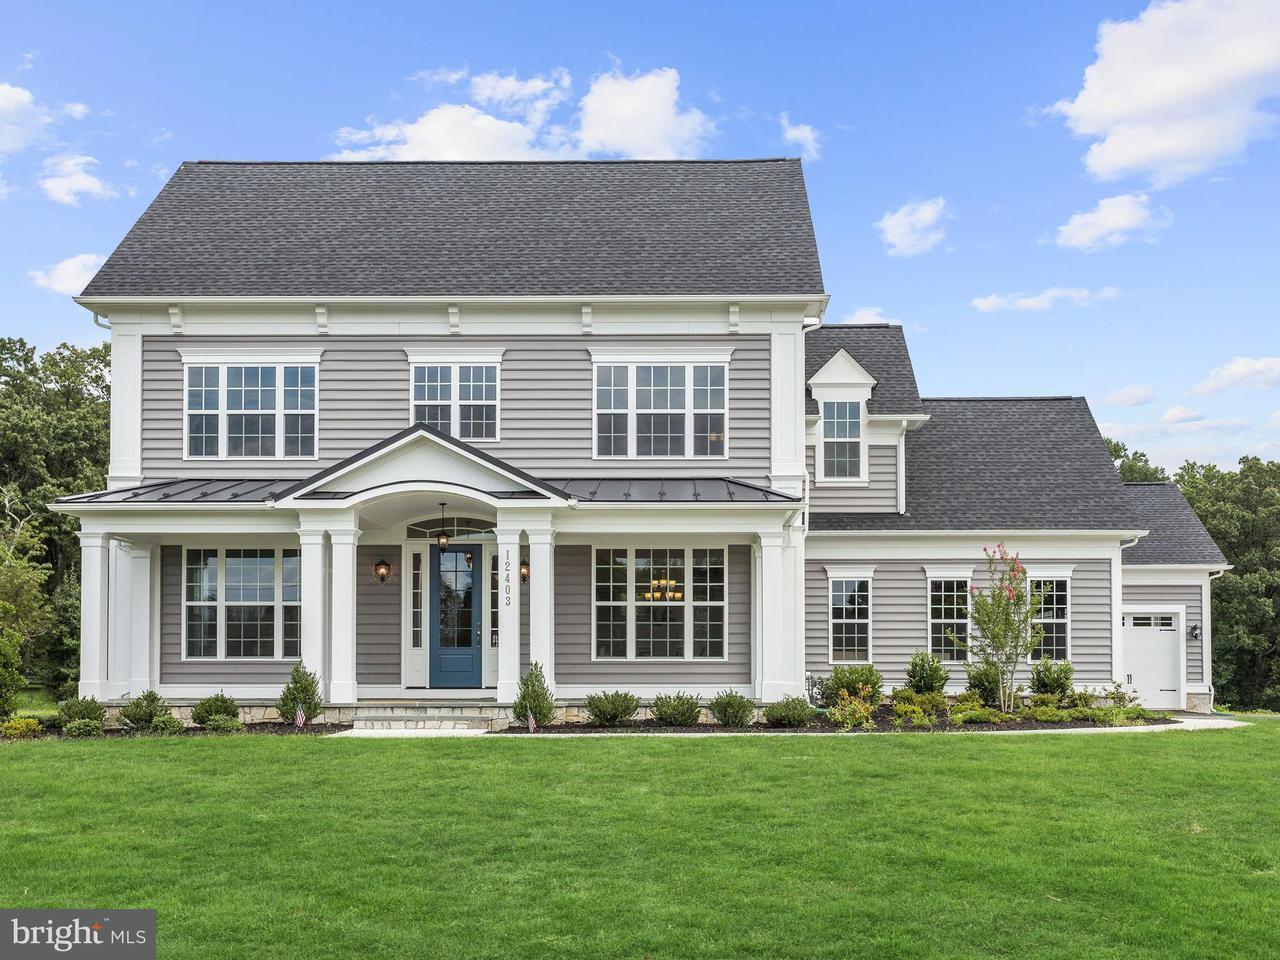 Μονοκατοικία για την Πώληση στο 12403 ALL DAUGHTERS Lane 12403 ALL DAUGHTERS Lane Highland, Μεριλαντ 20777 Ηνωμενεσ Πολιτειεσ